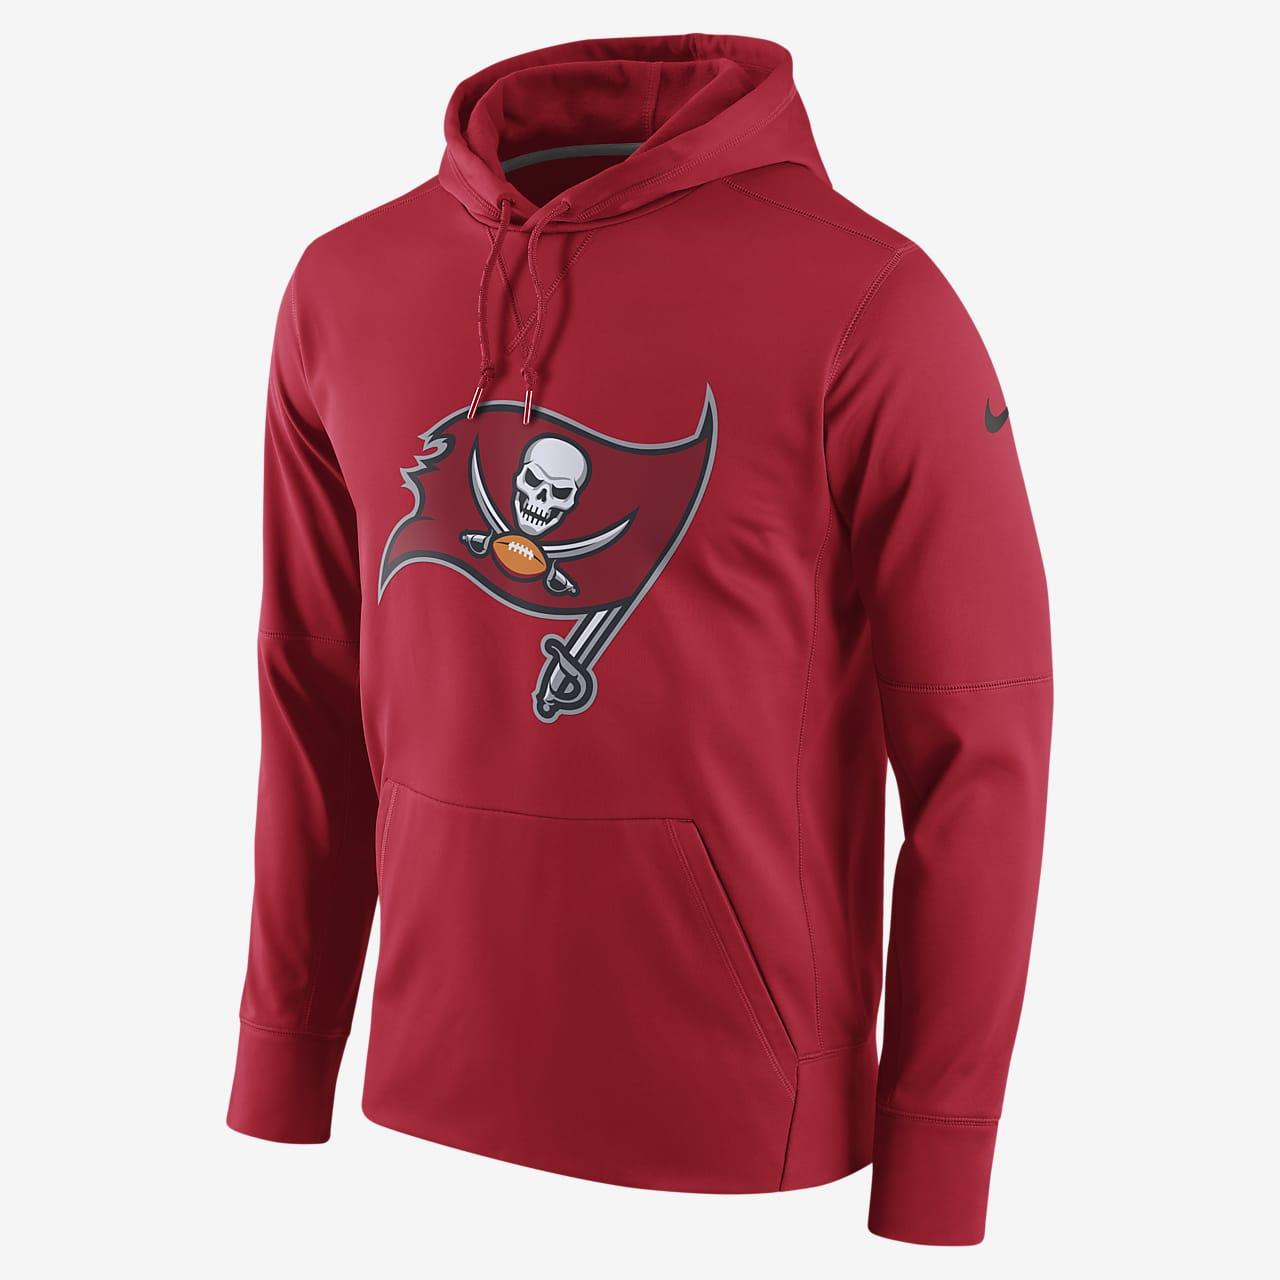 Nike Essential (NFL Buccaneers) Men's Logo Hoodie